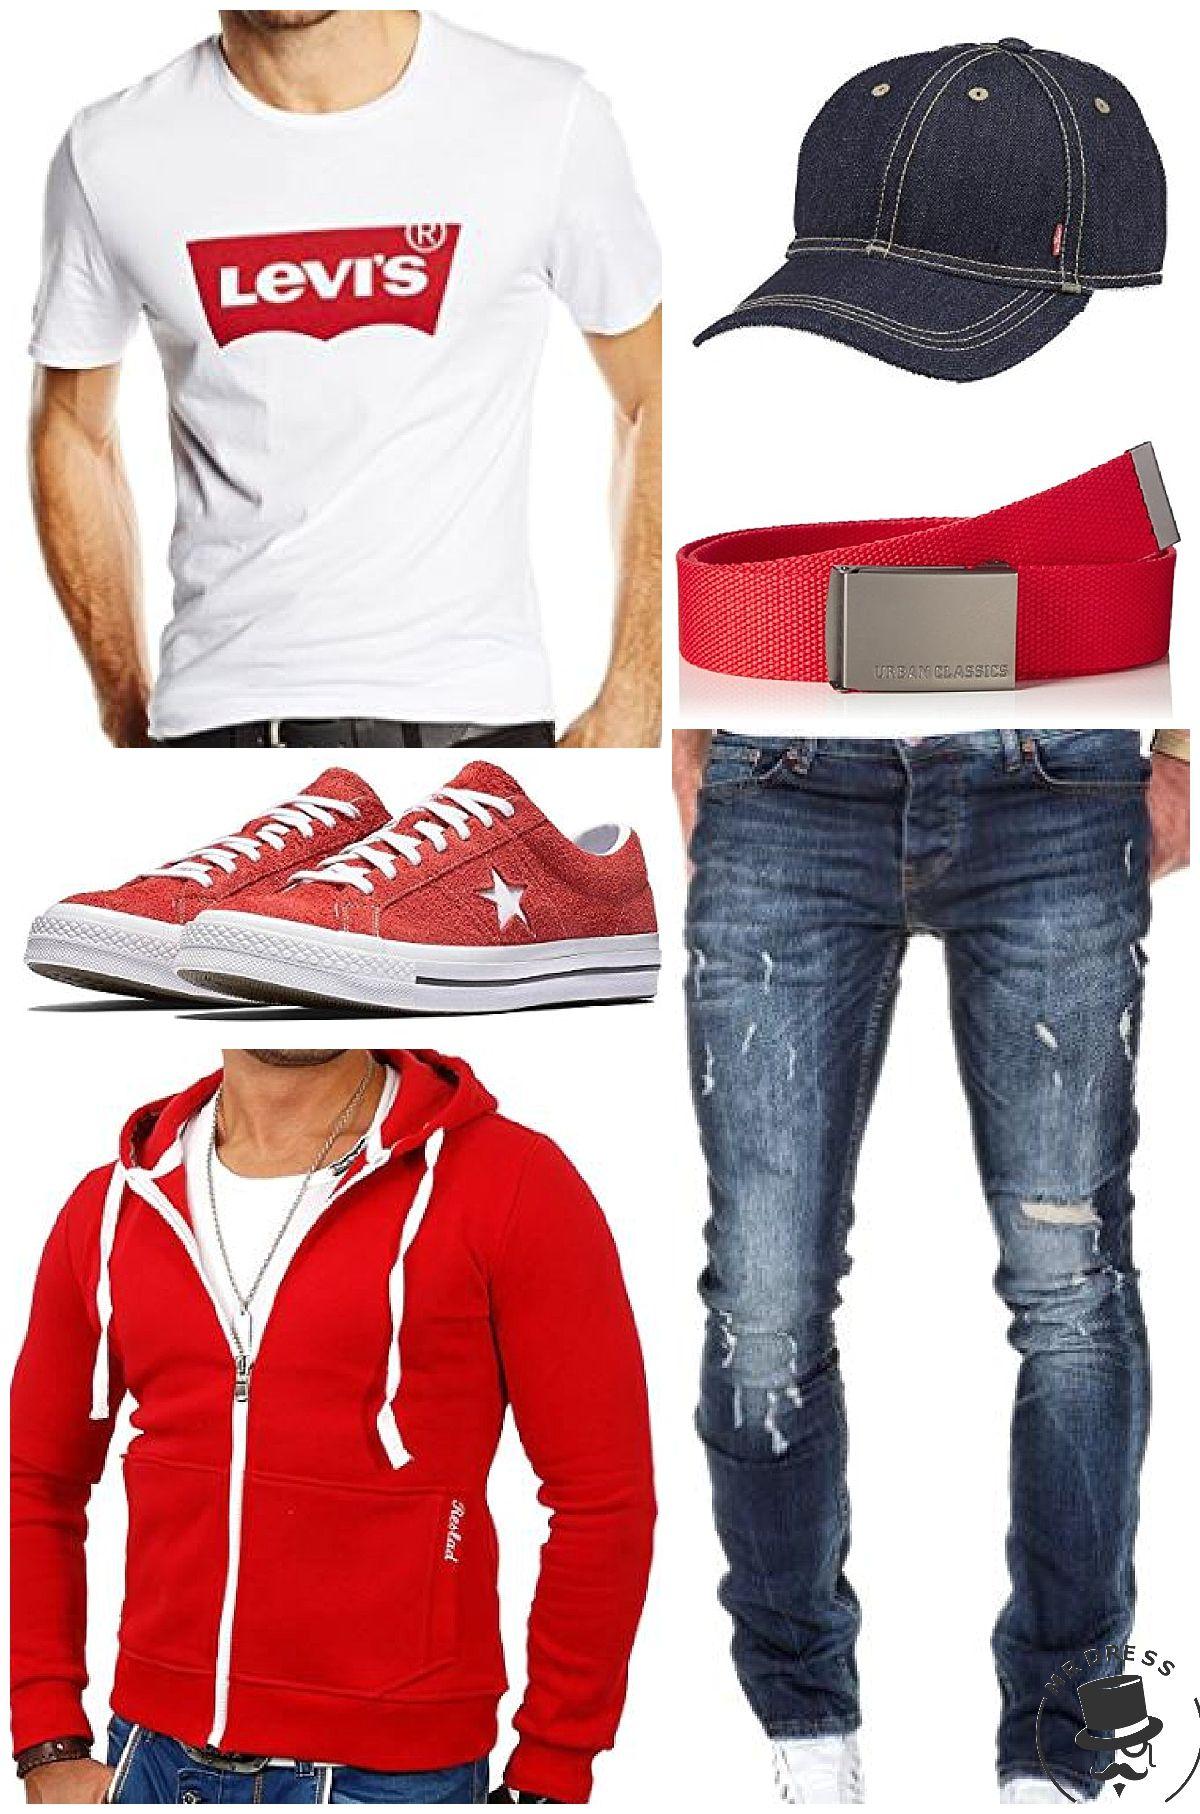 hot sale online da227 e7a9c Rot Weiß Levis Look! Levi's Herren T-Shirt ,Reslad Herren ...